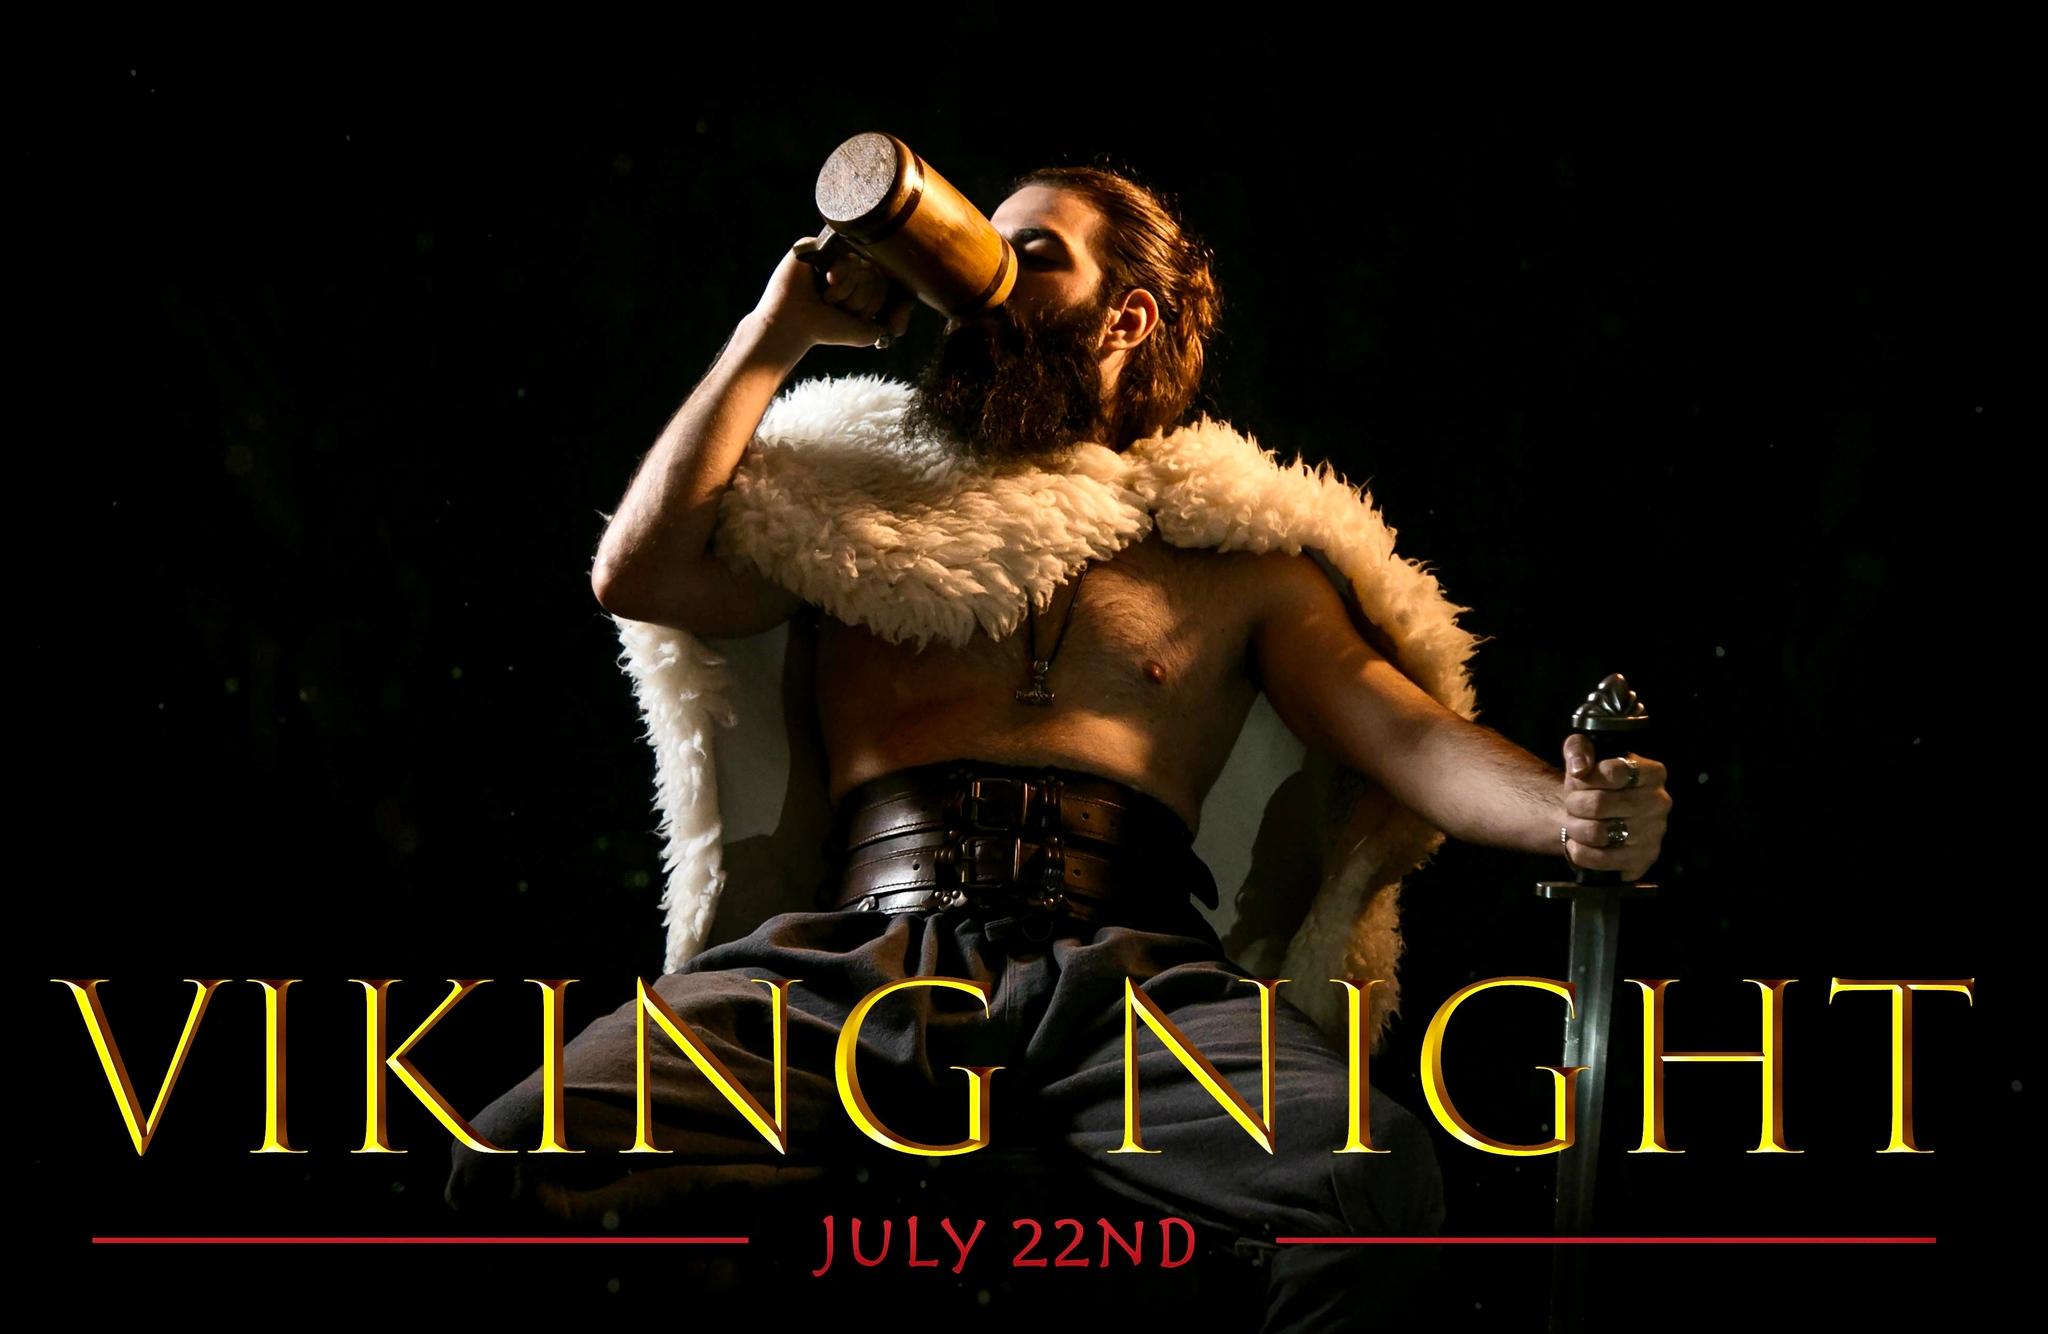 Viking Night